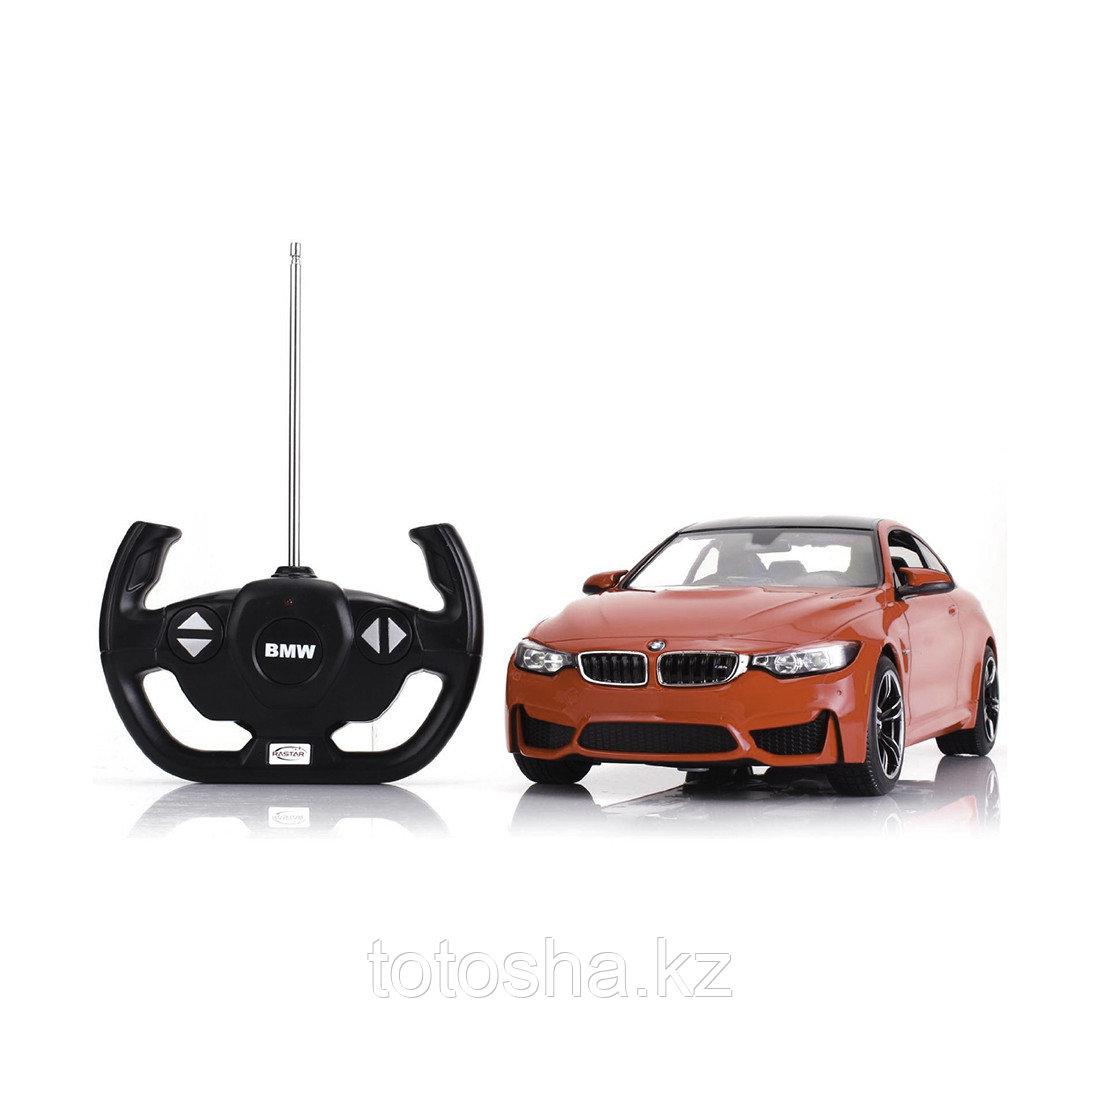 Радиоуправляемая машина BMW M4 1:14, RASTAR 70900R